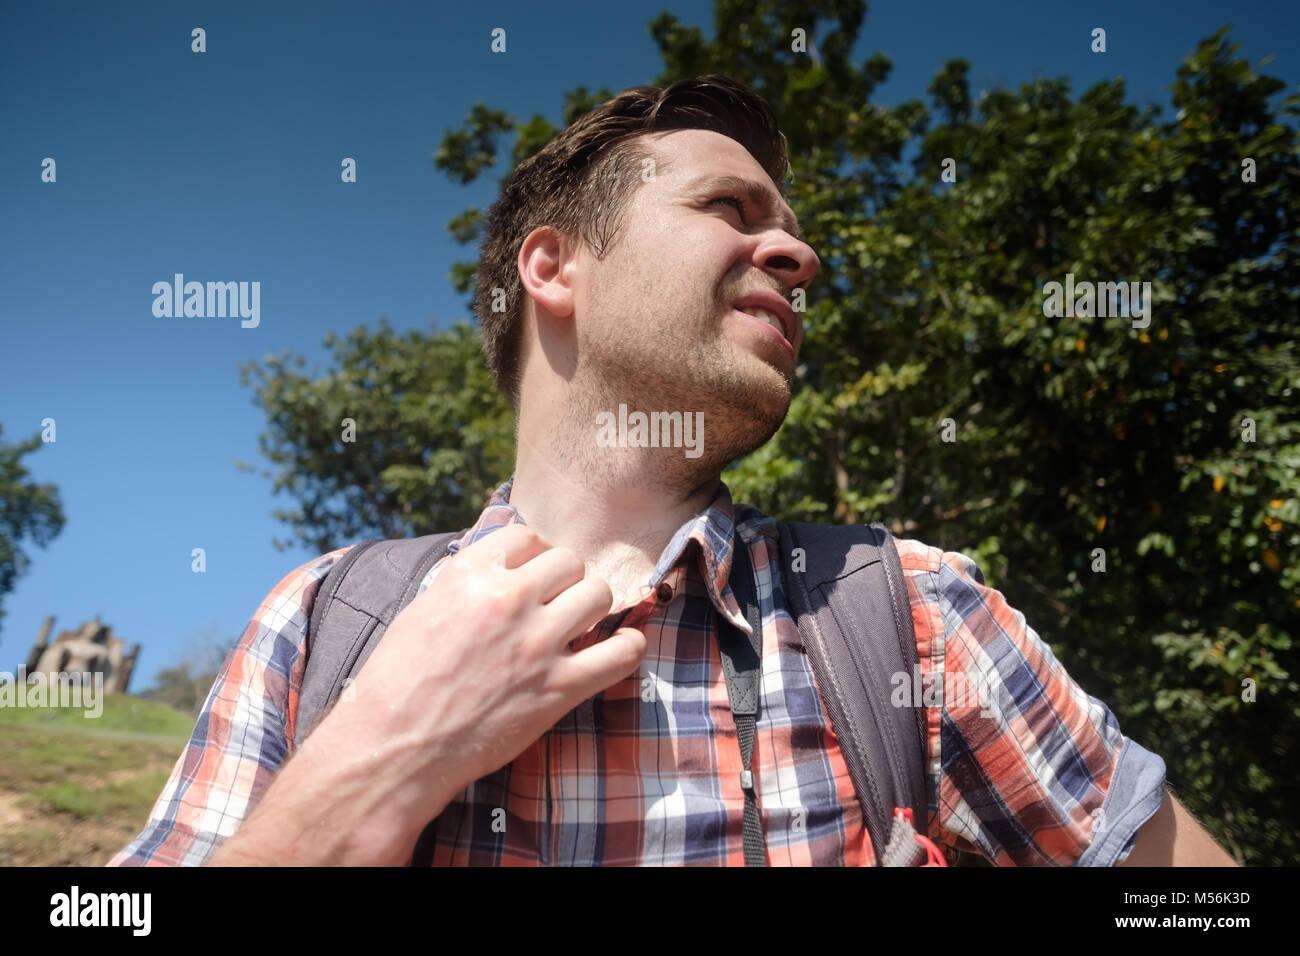 Kaukasische Mann unter heißer Sonne. Stockbild